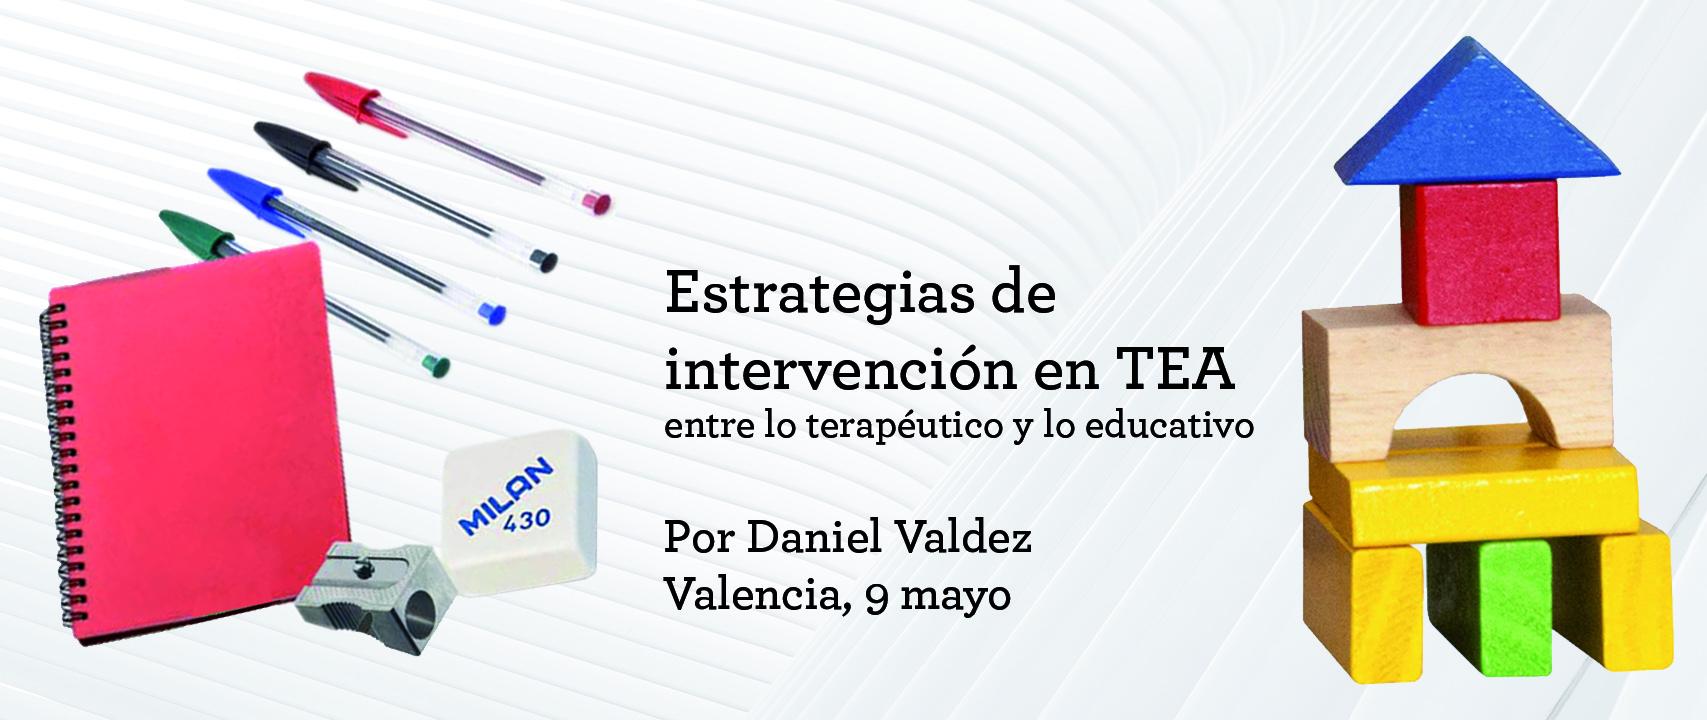 Estrategias de intervención en TEA entre  lo terapéutico y lo educativo